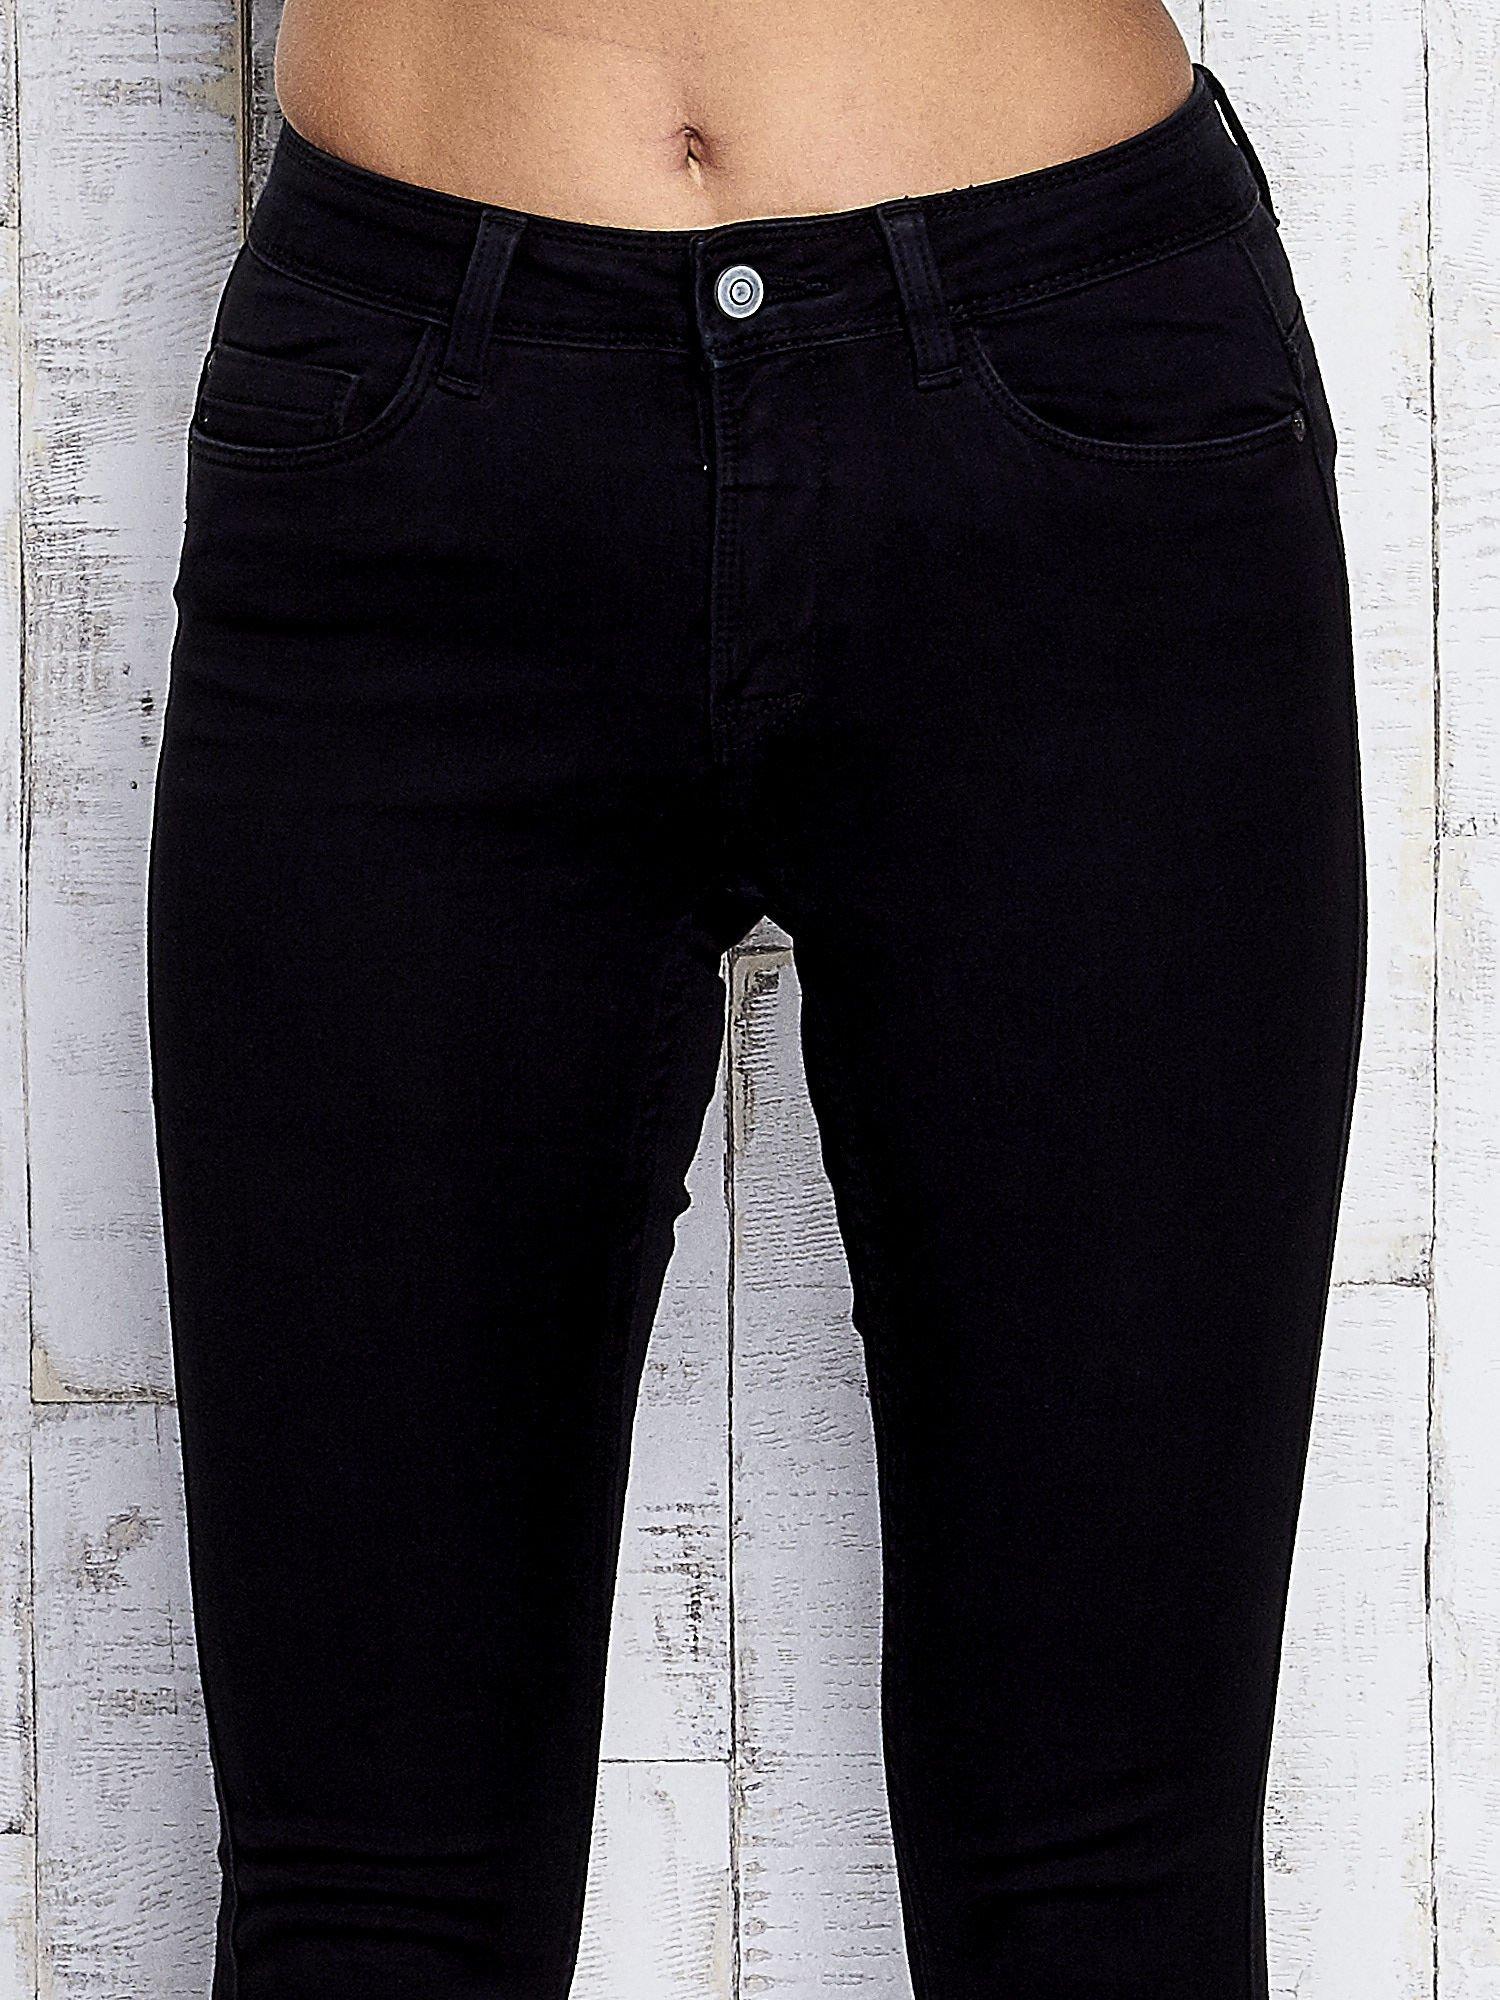 Czarne dopasowane spodnie jeansowe                                  zdj.                                  4